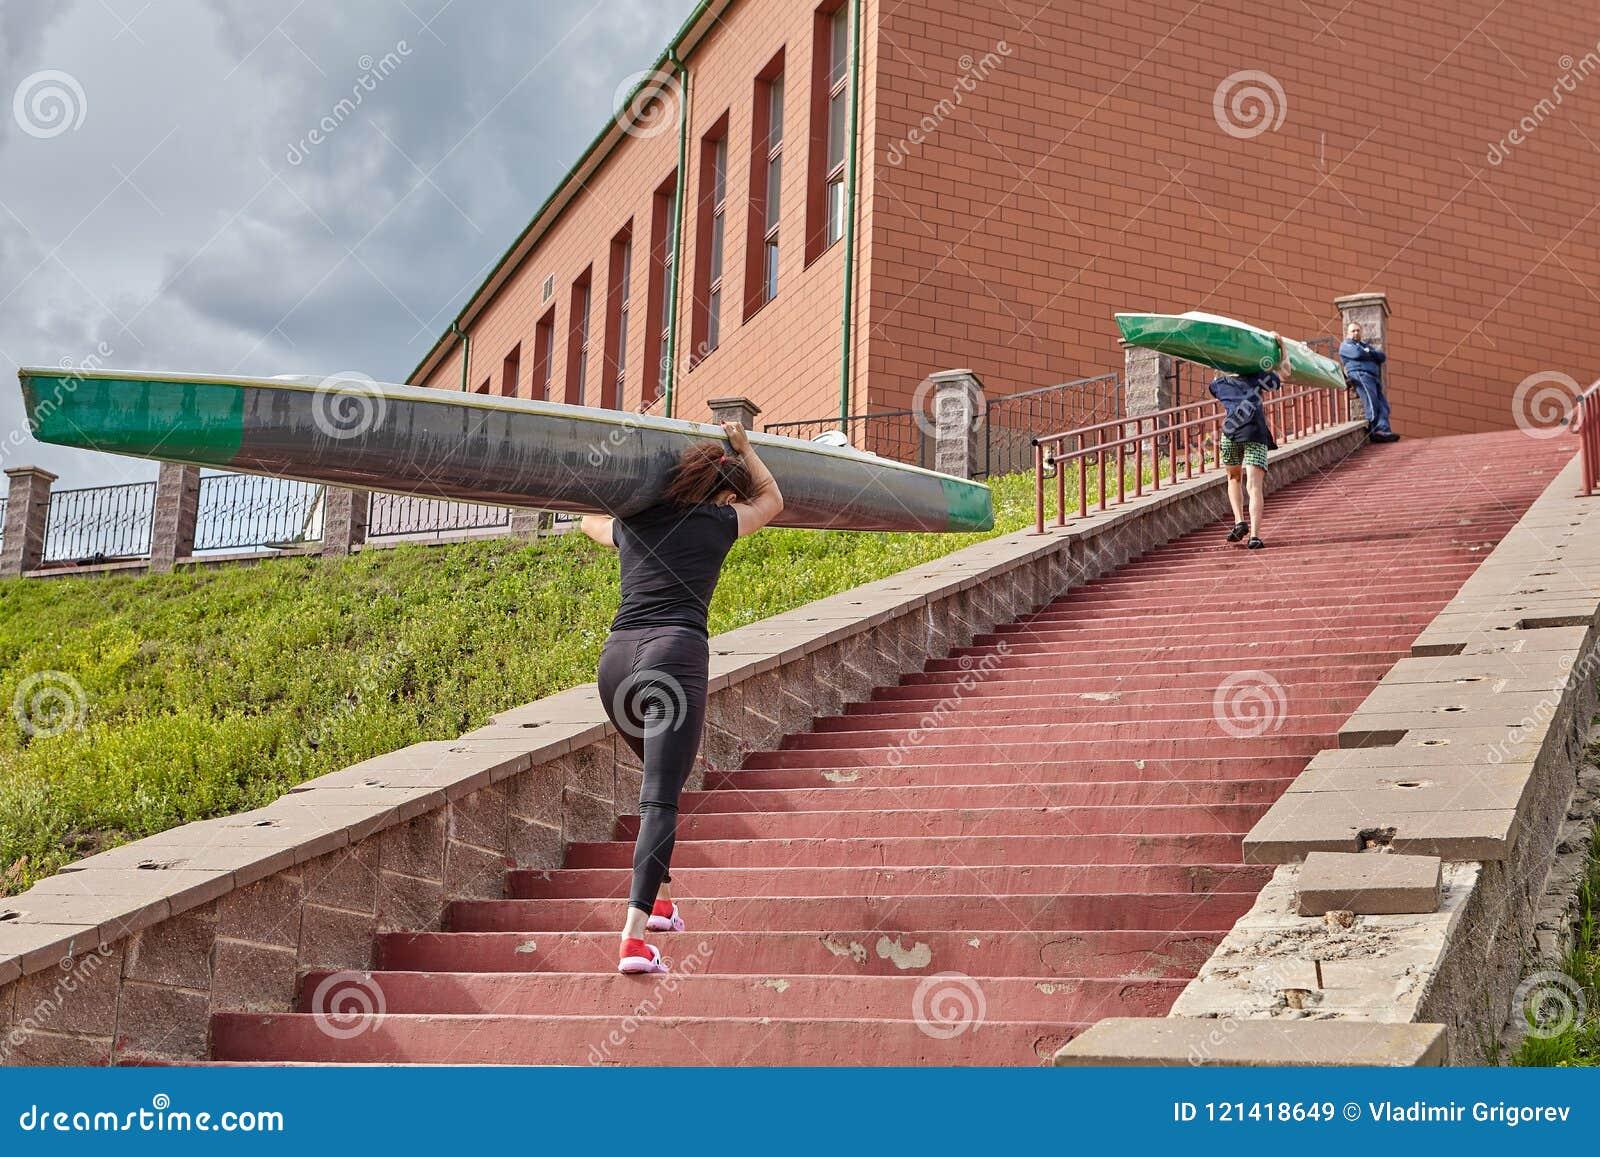 Idrottsman nen går uppför trappan med kajaker på skuldror, når de har rott tra